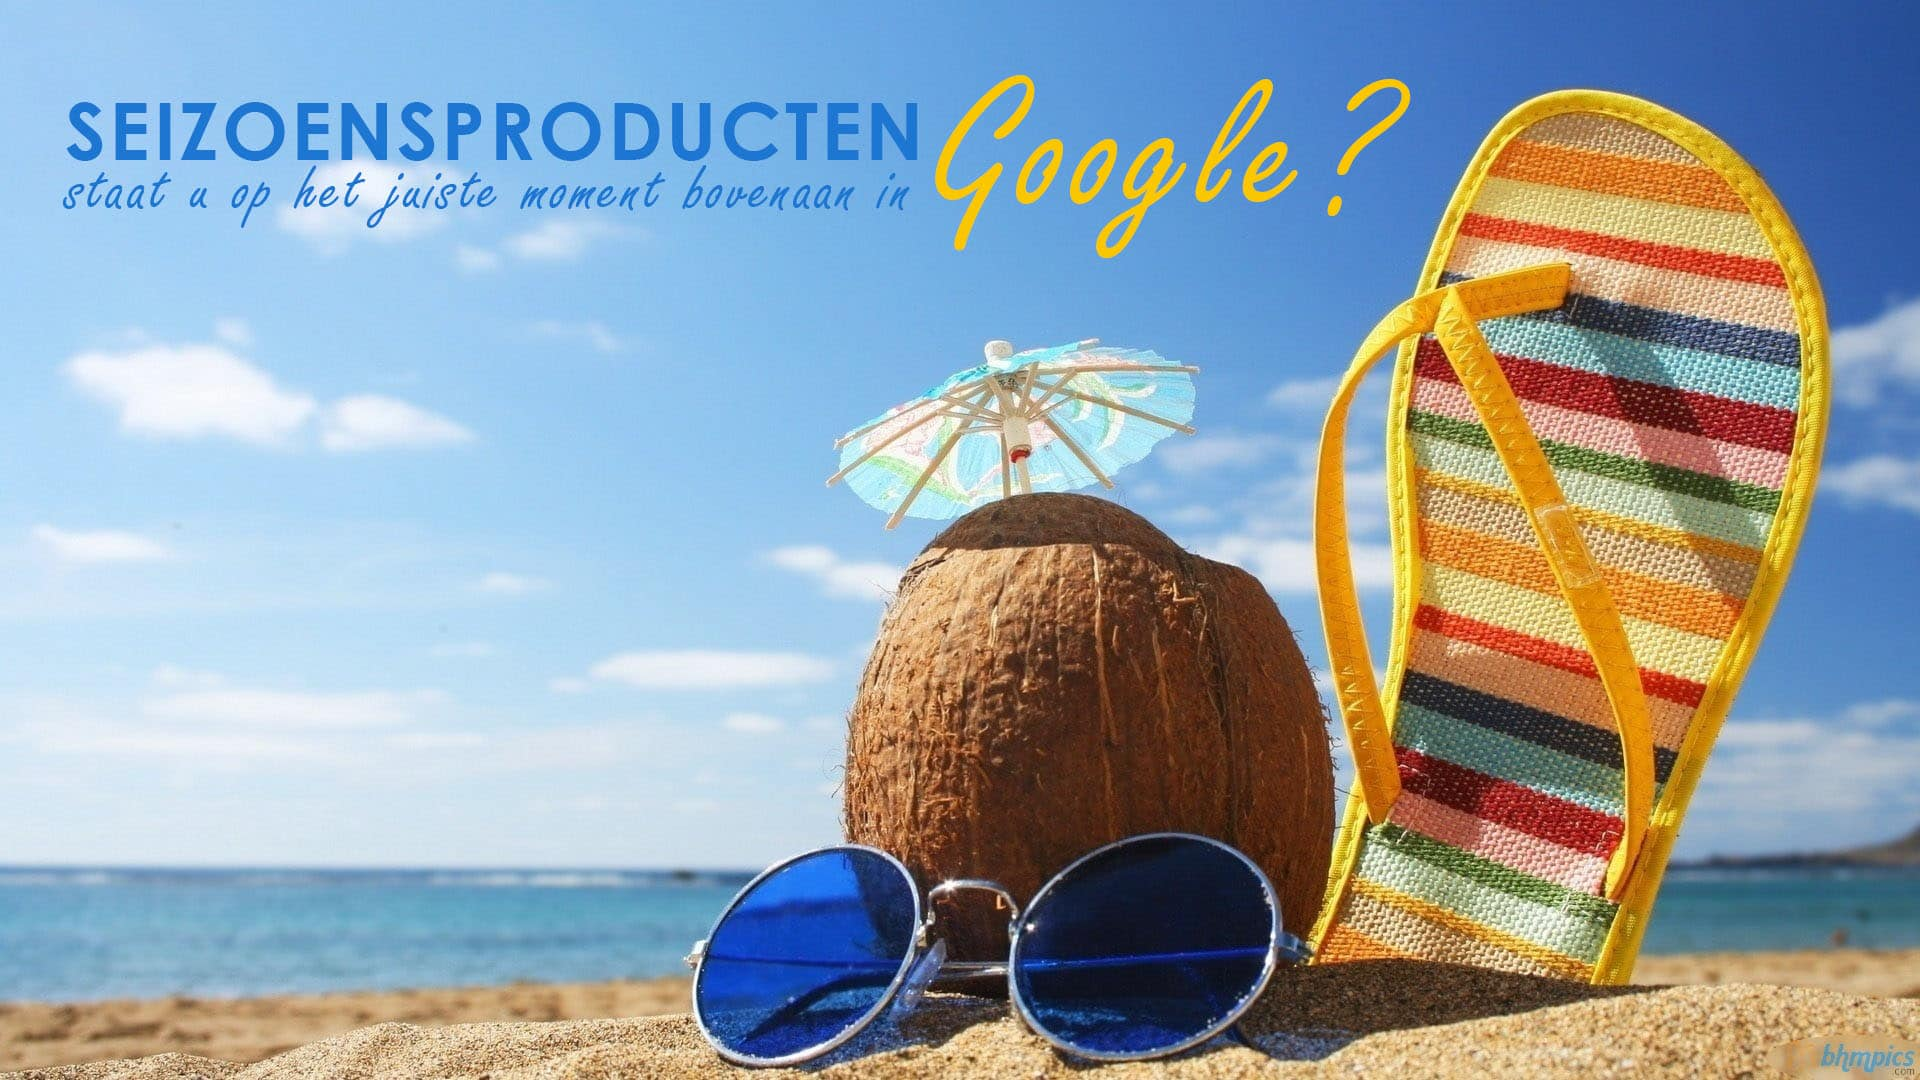 Seizoensproducten hoog in Google